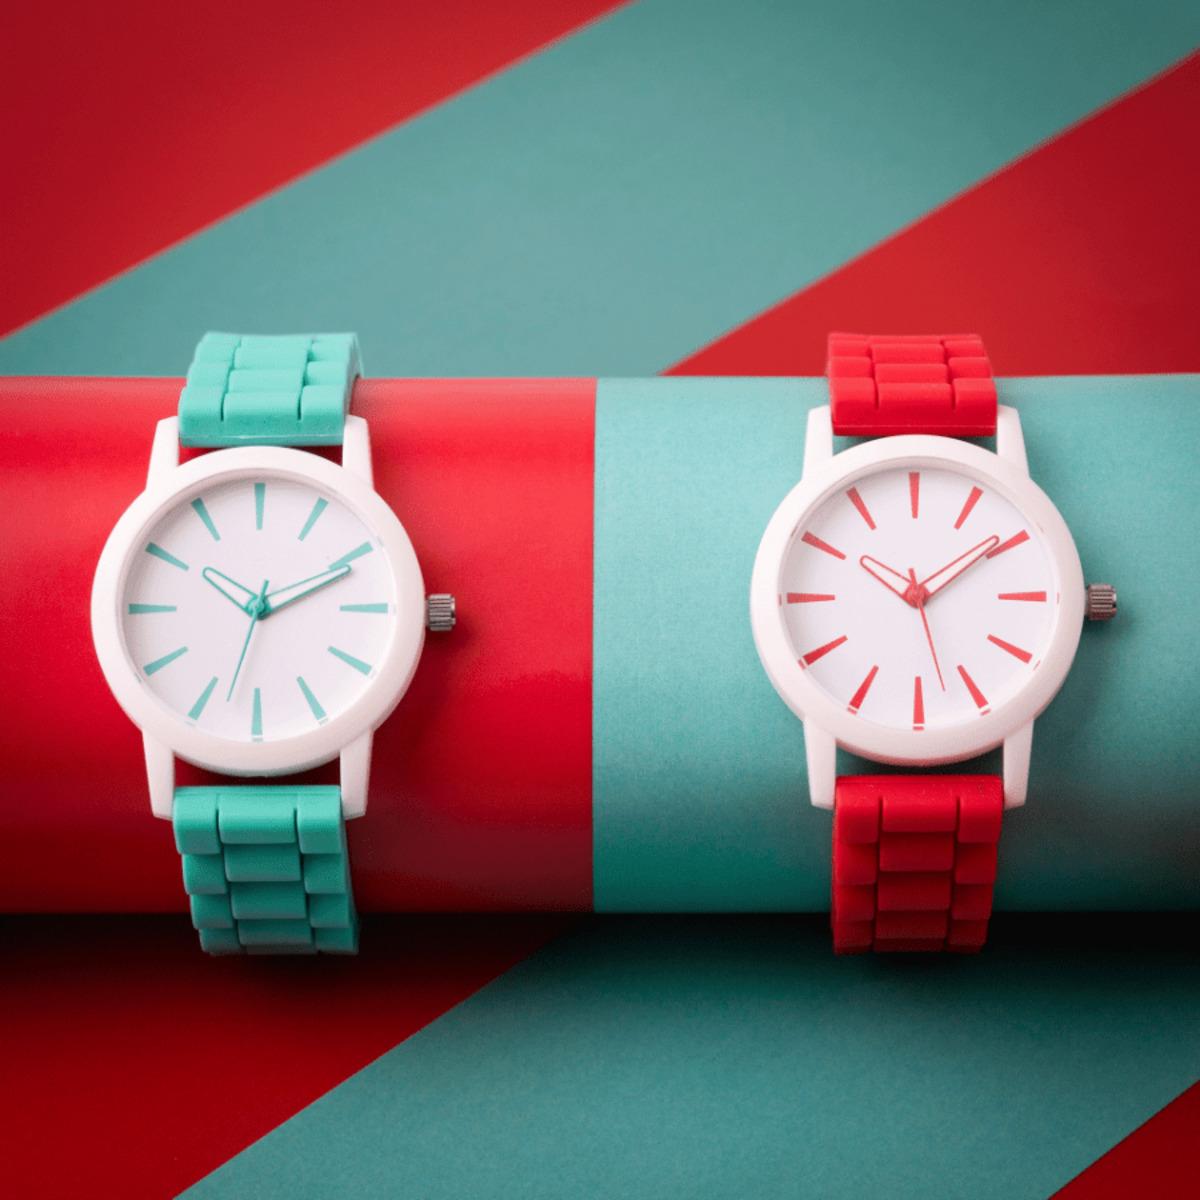 Bild 4 von KRONTALER     Mini-Colourwatch